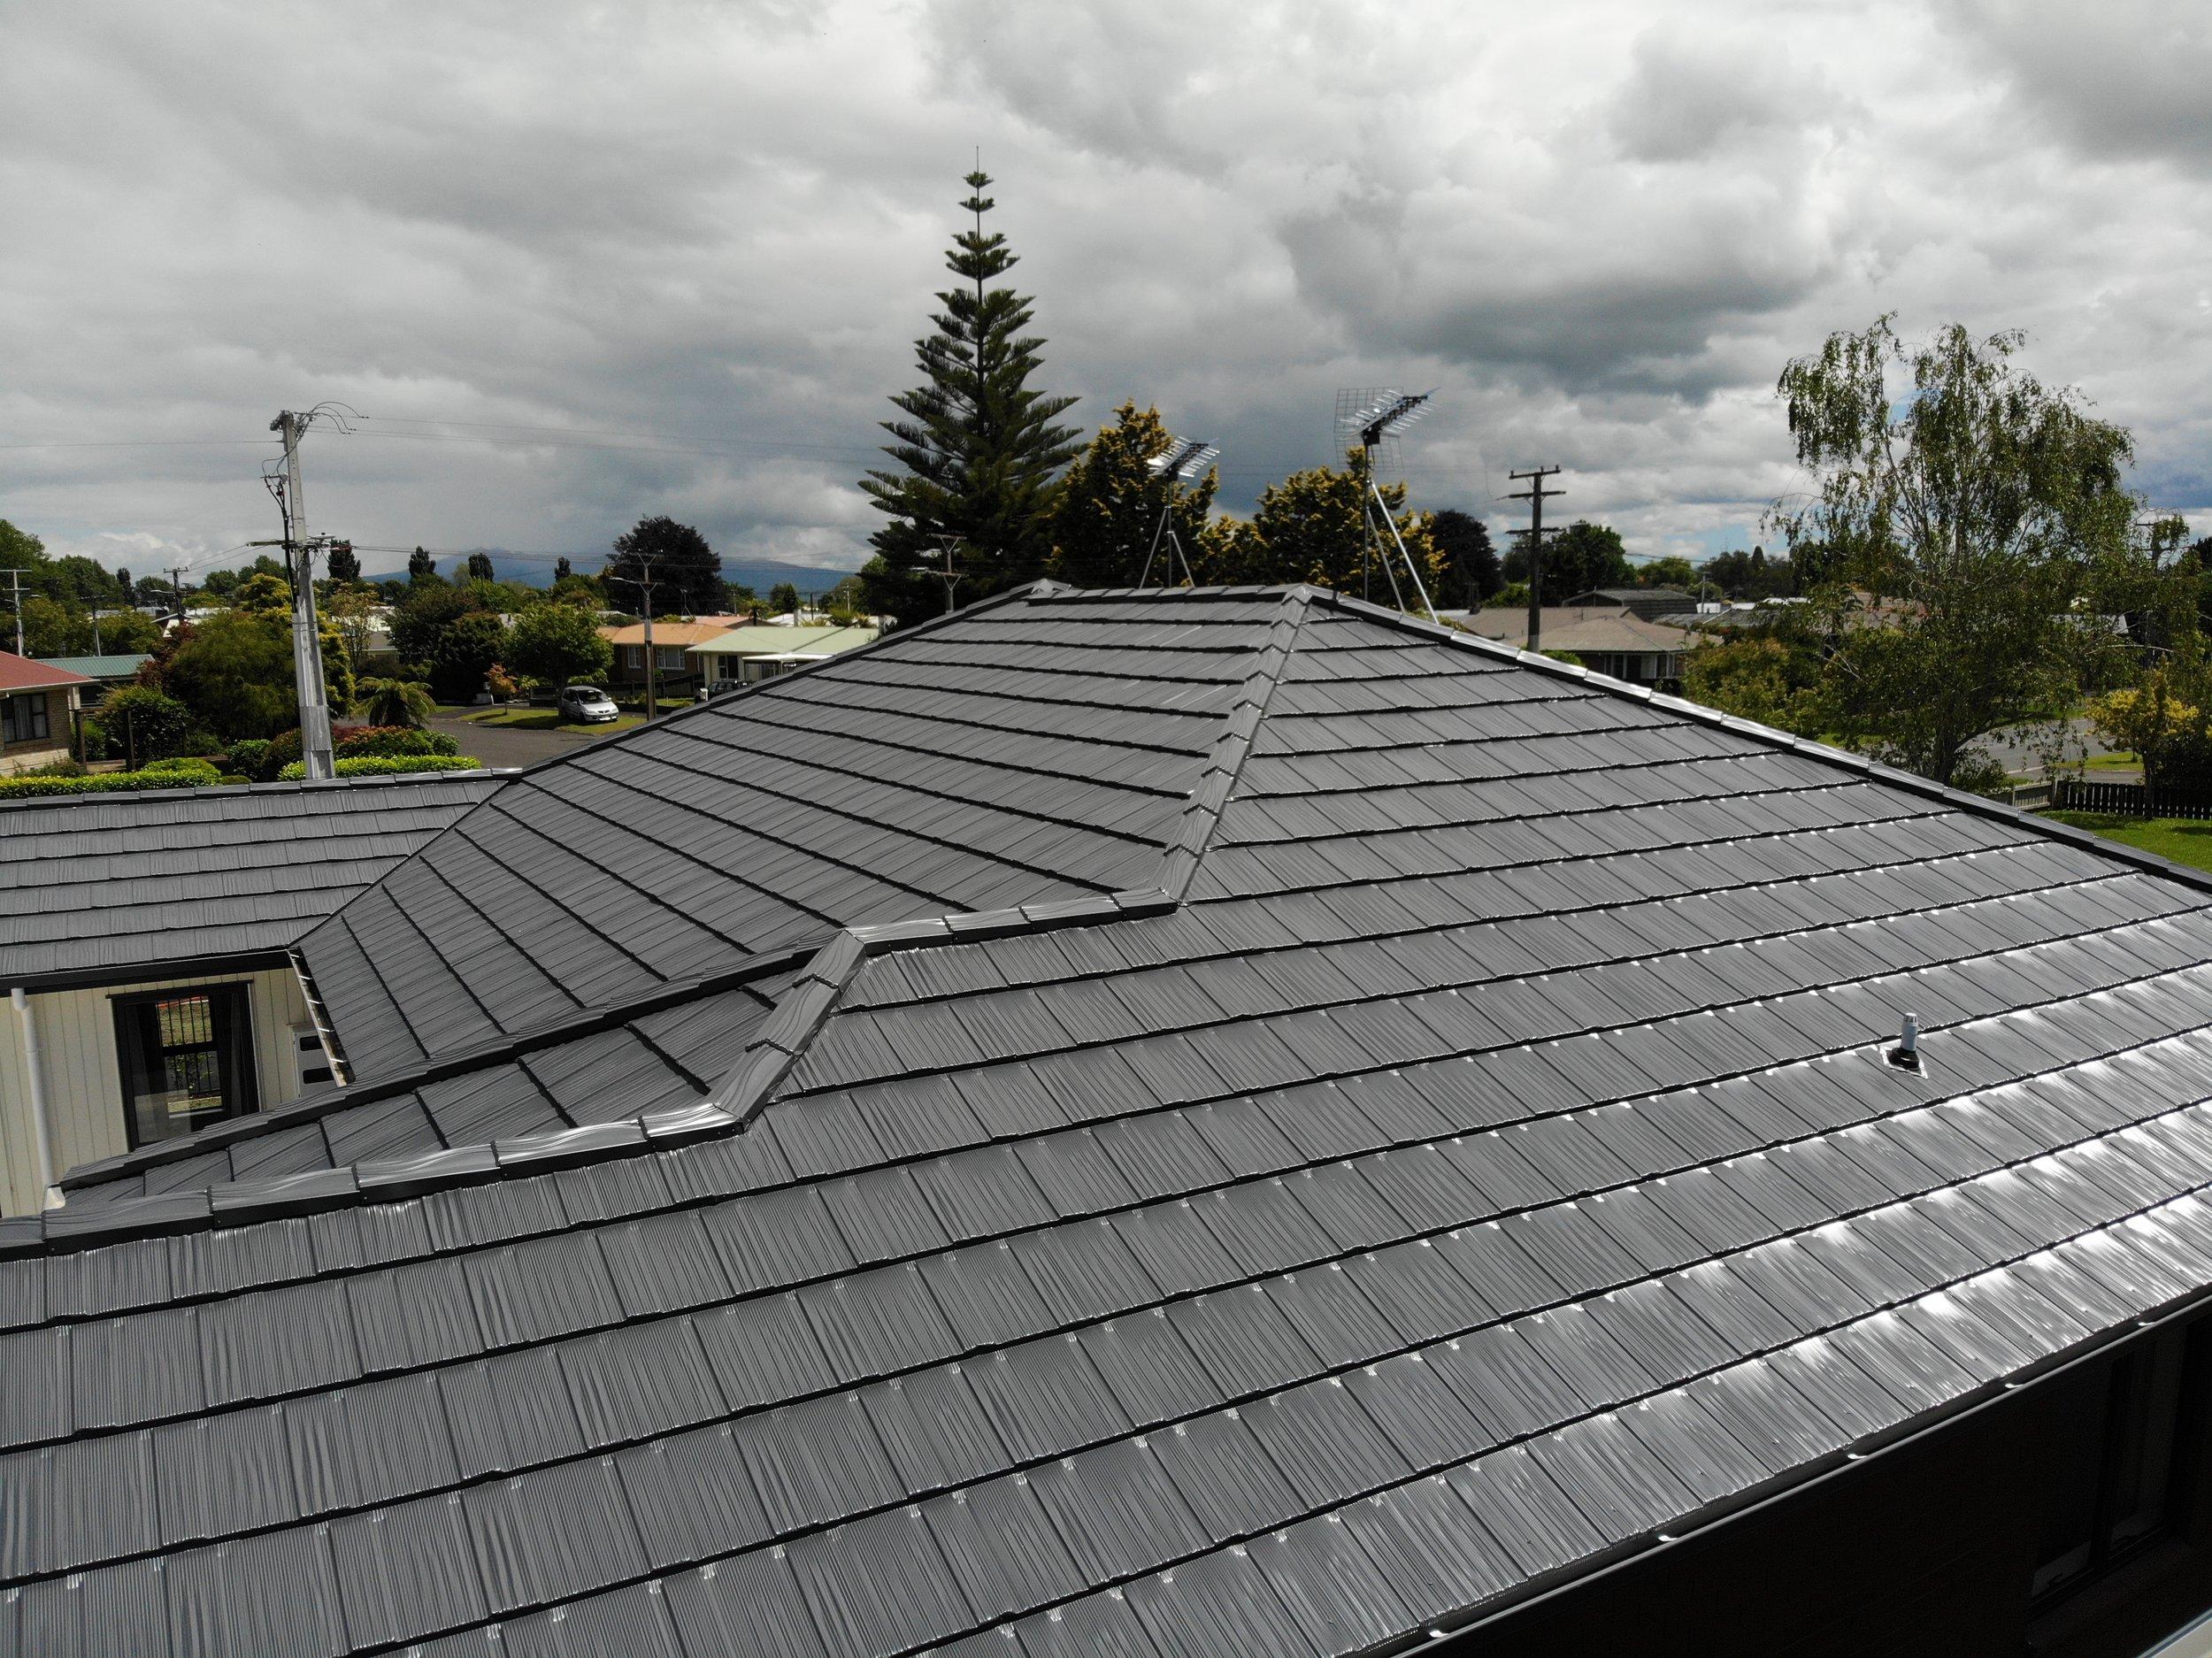 The-Roofing-Store-Steel-Metal-Apex-tile-Woodshake-Grey-Friars-1.jpg.jpg